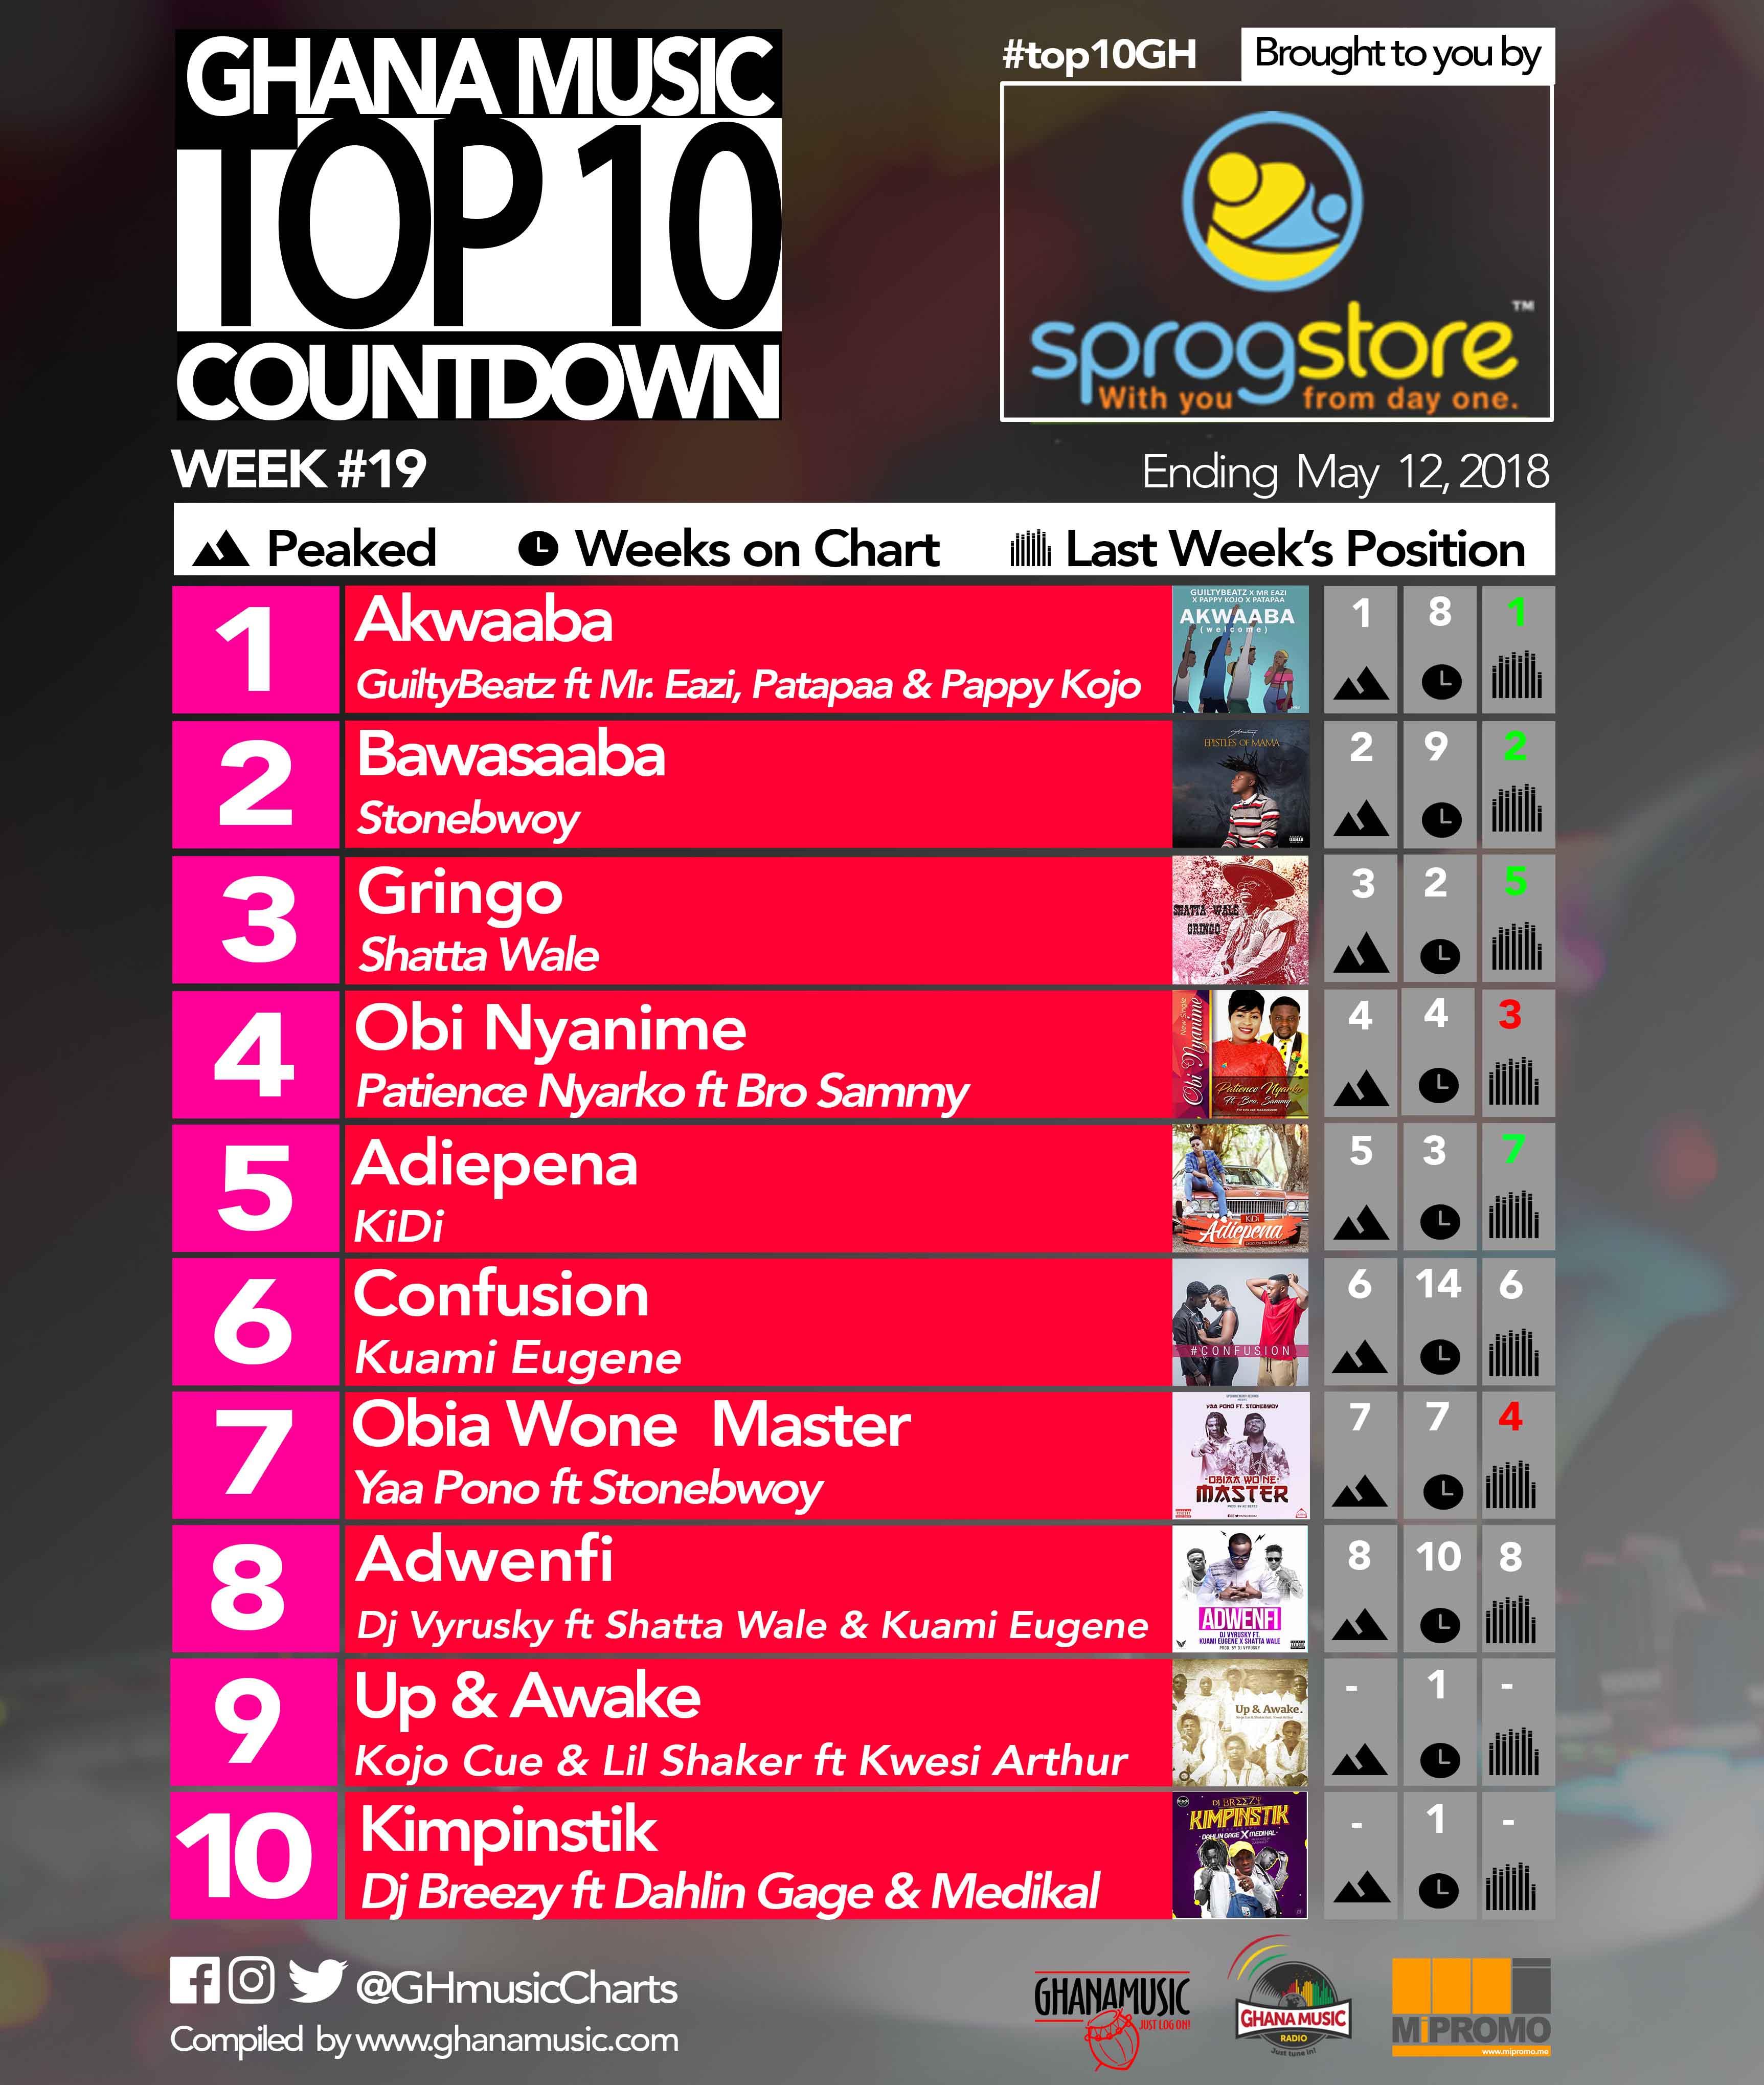 Week #19: Ghana Music Top 10 Countdown